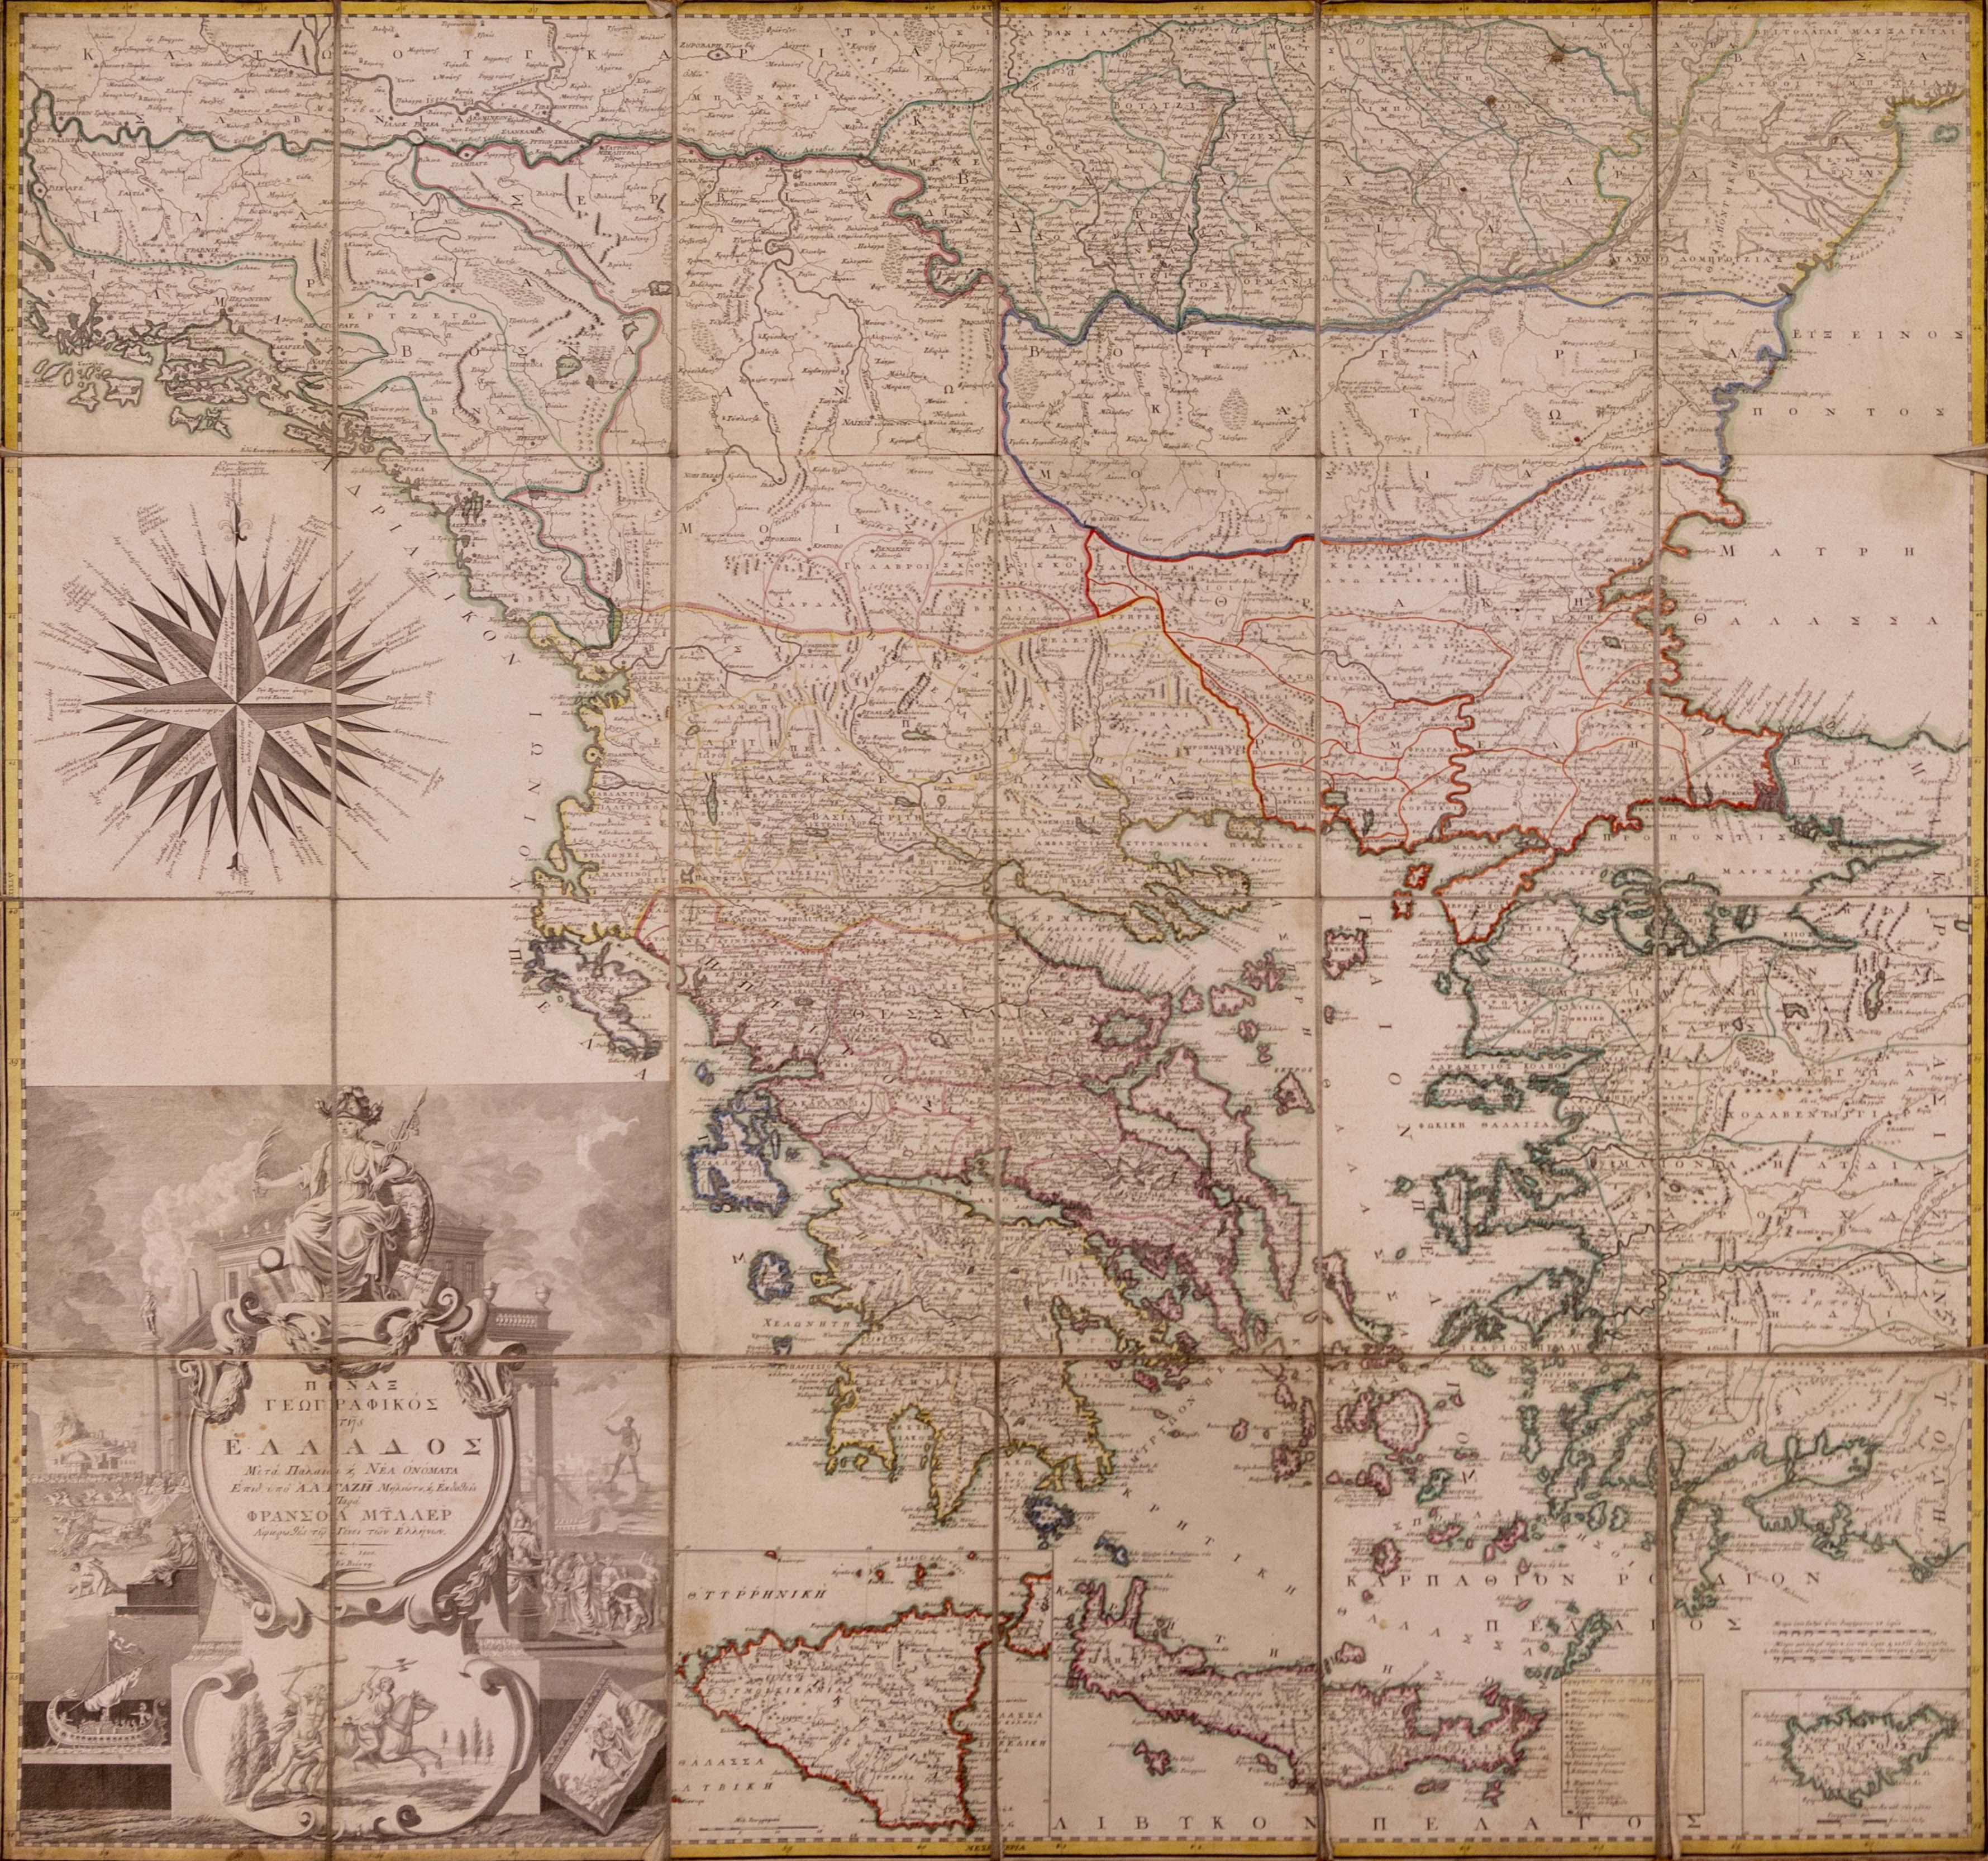 Pina3 Gewgrafikos Ths Ellados Vienna 1800 American School Of